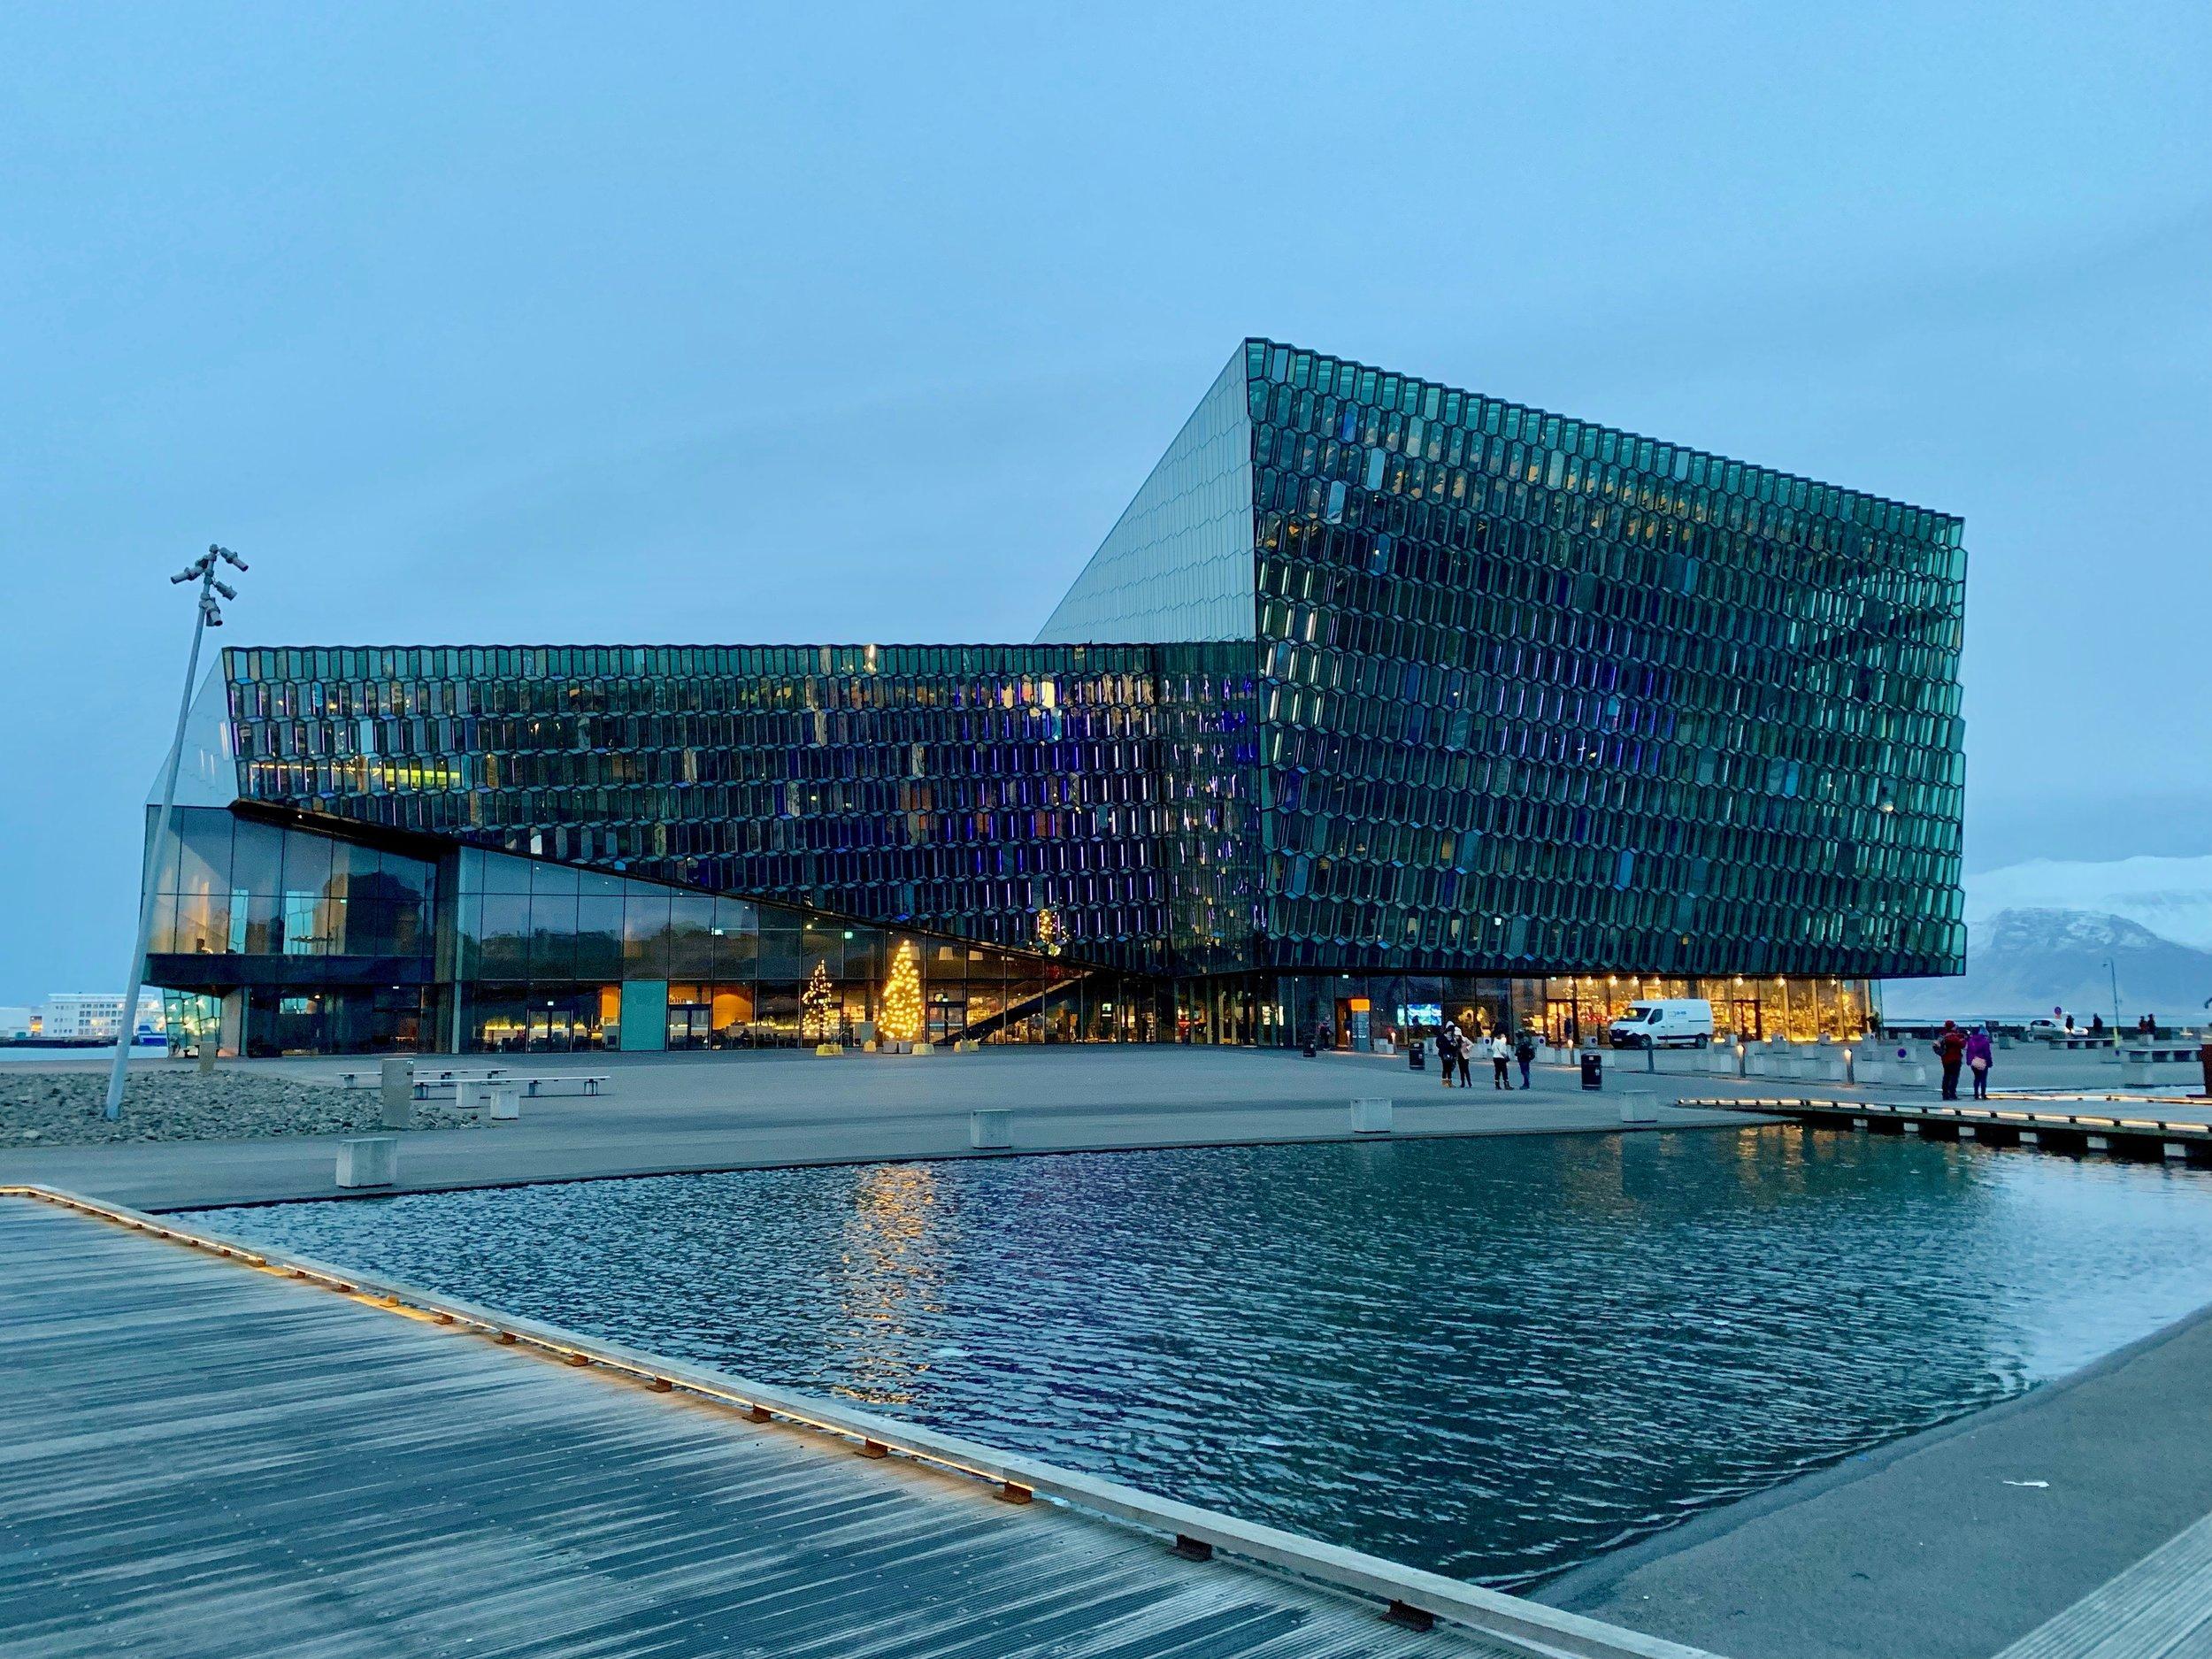 Reykjavik's Harpa Concert Hall